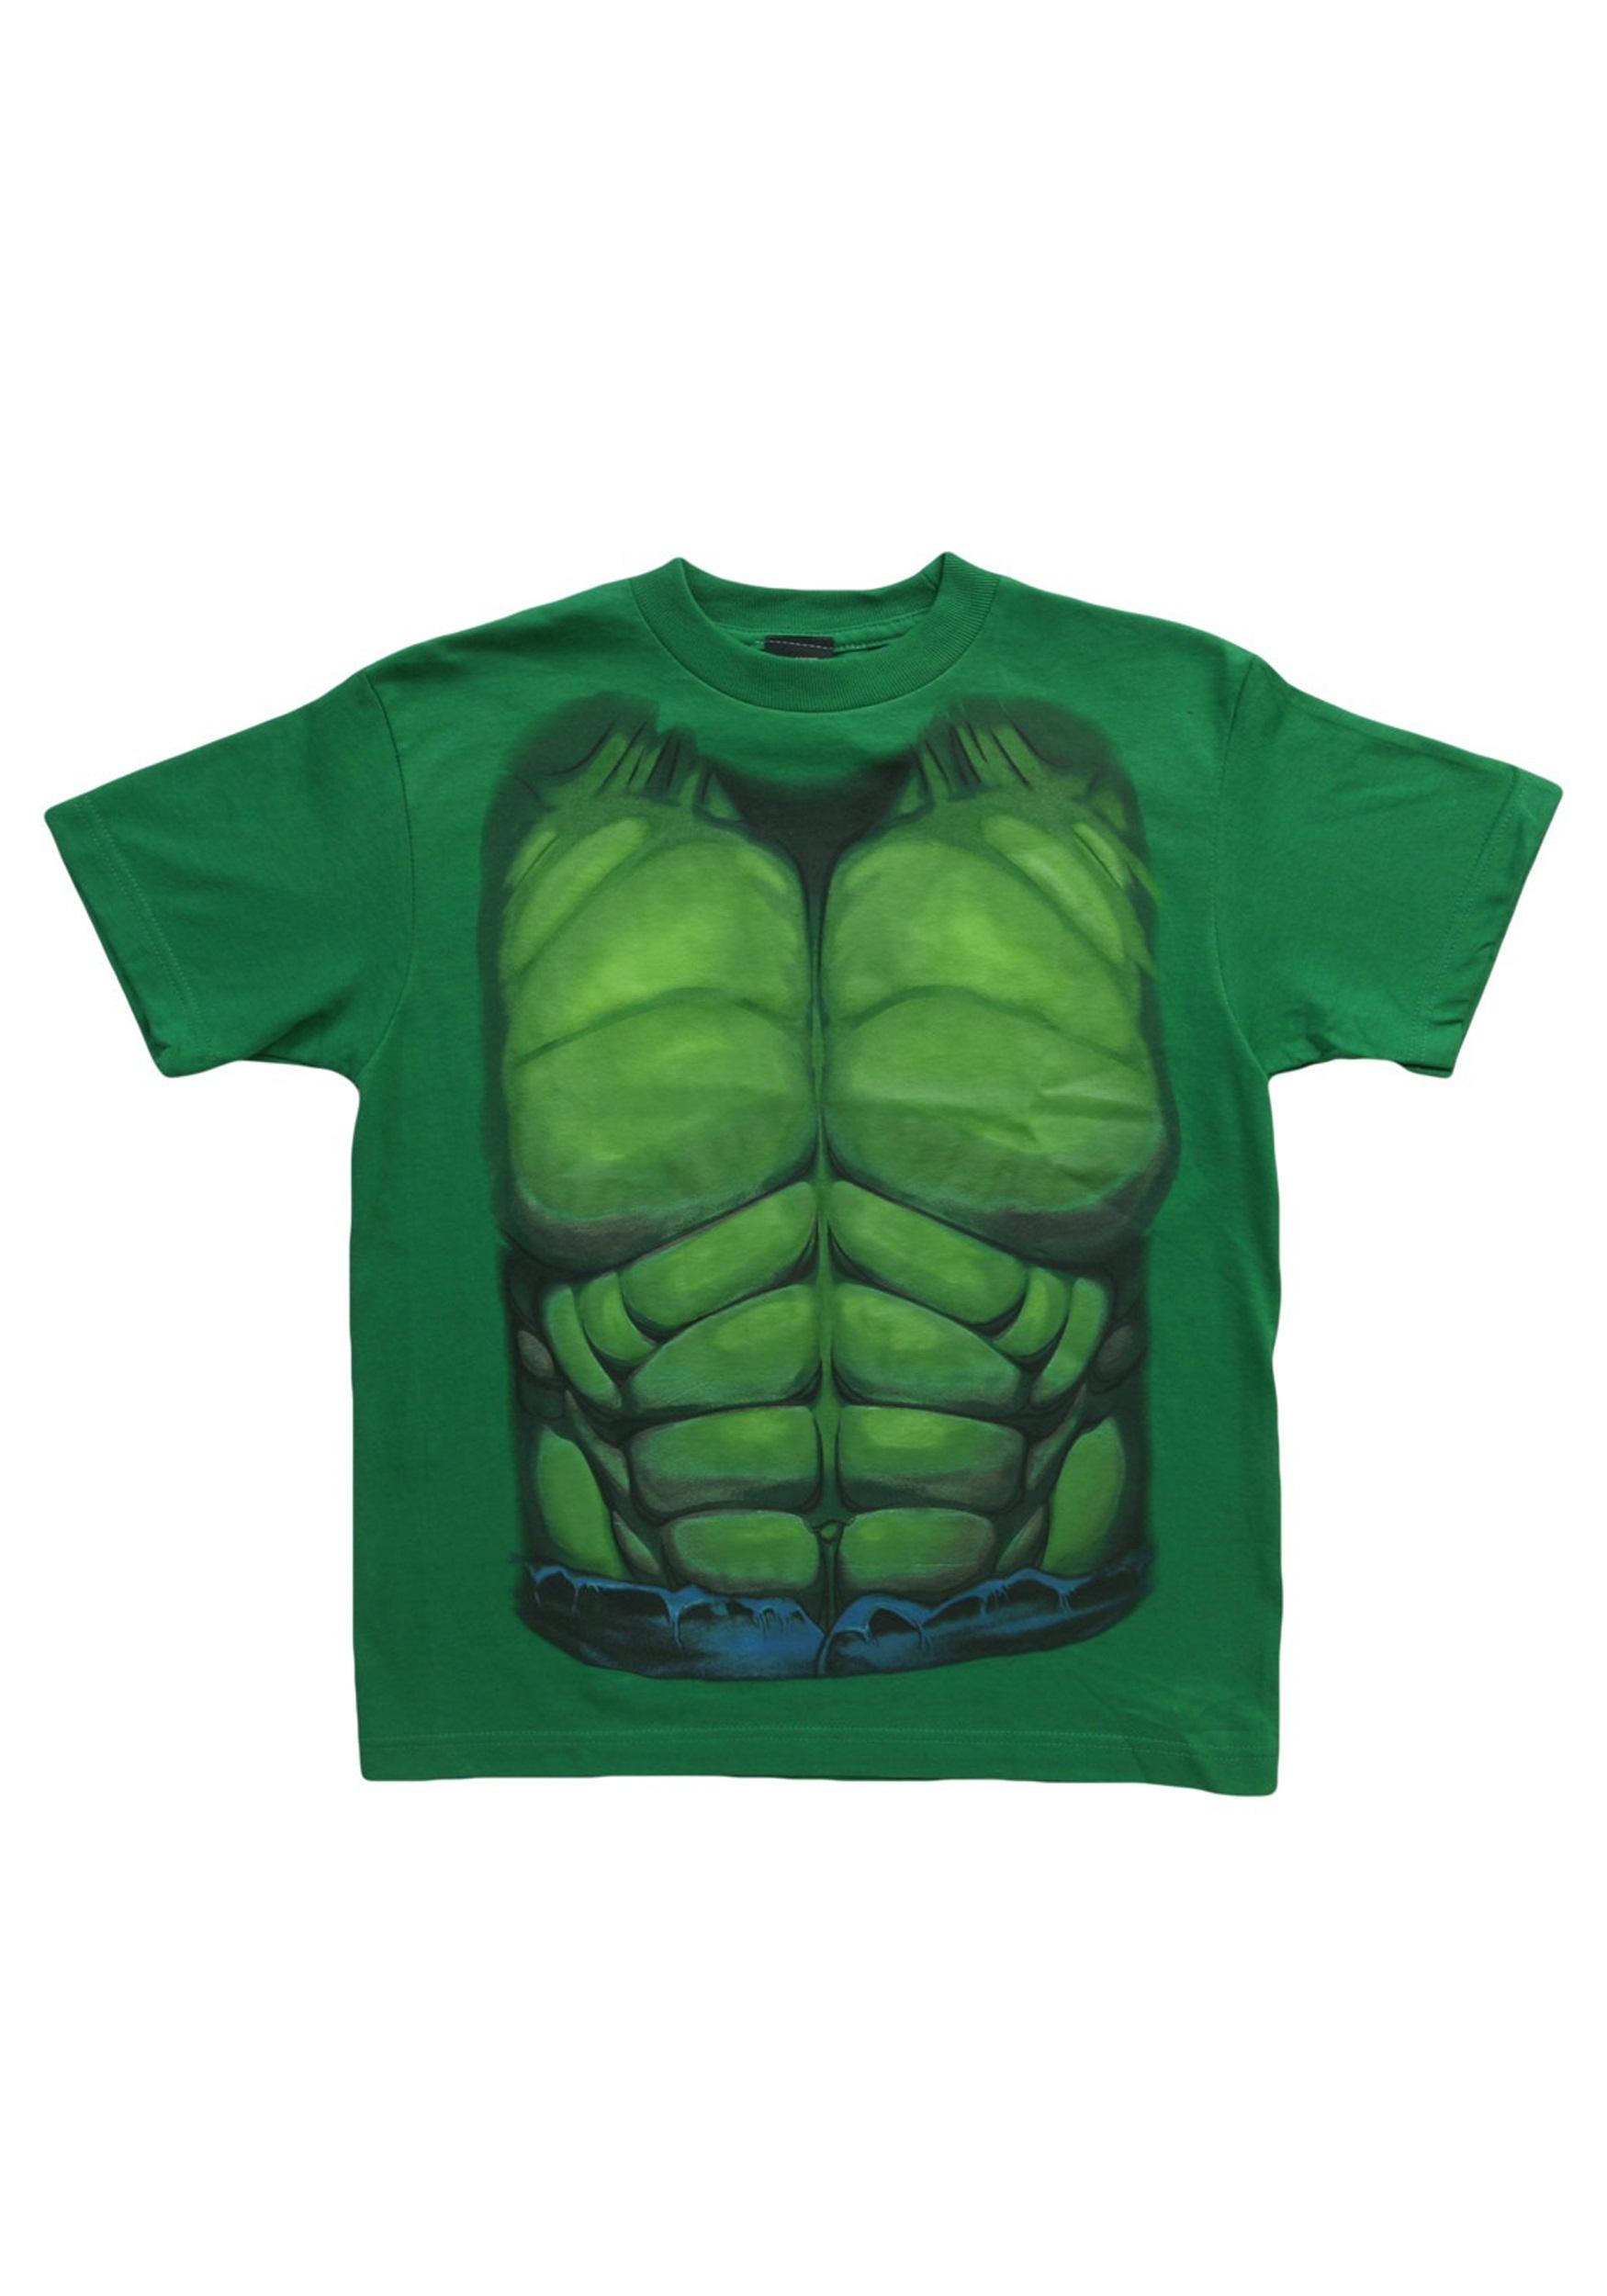 Hulk Smash T Shirt Kids